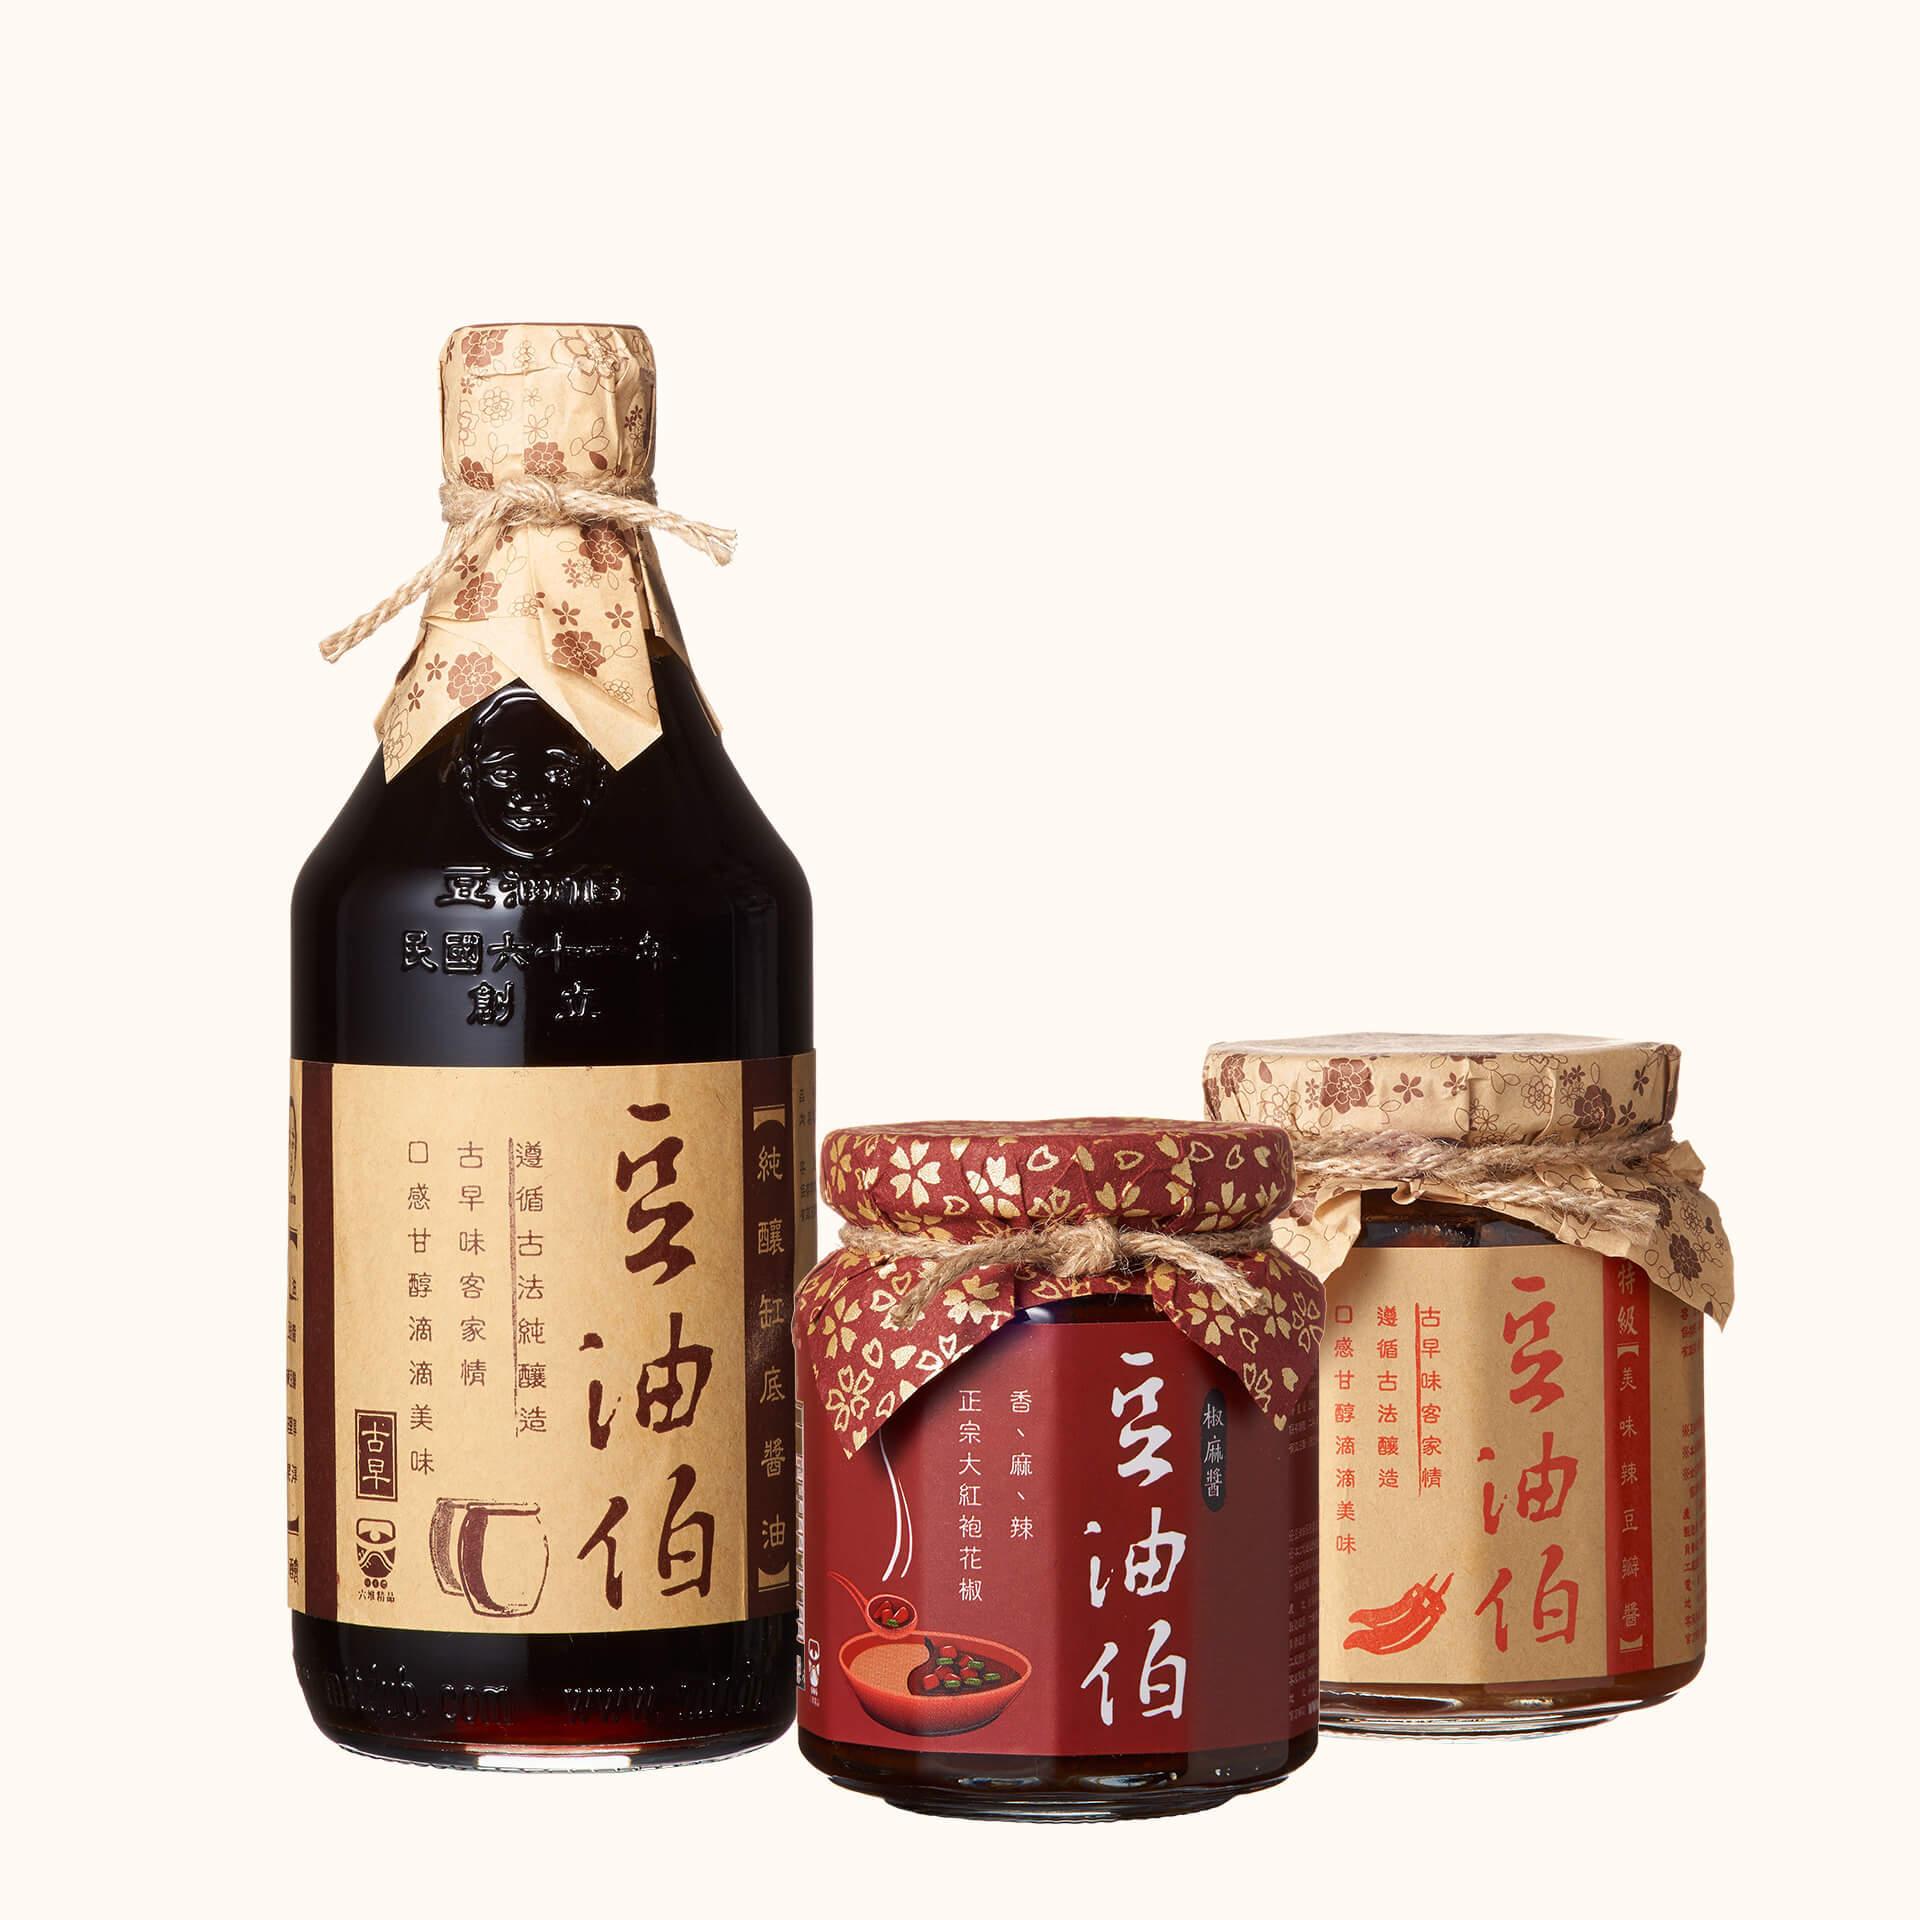 【新客限定】豆油伯缸底醬油500ml+辣豆瓣醬260g+椒麻醬280g